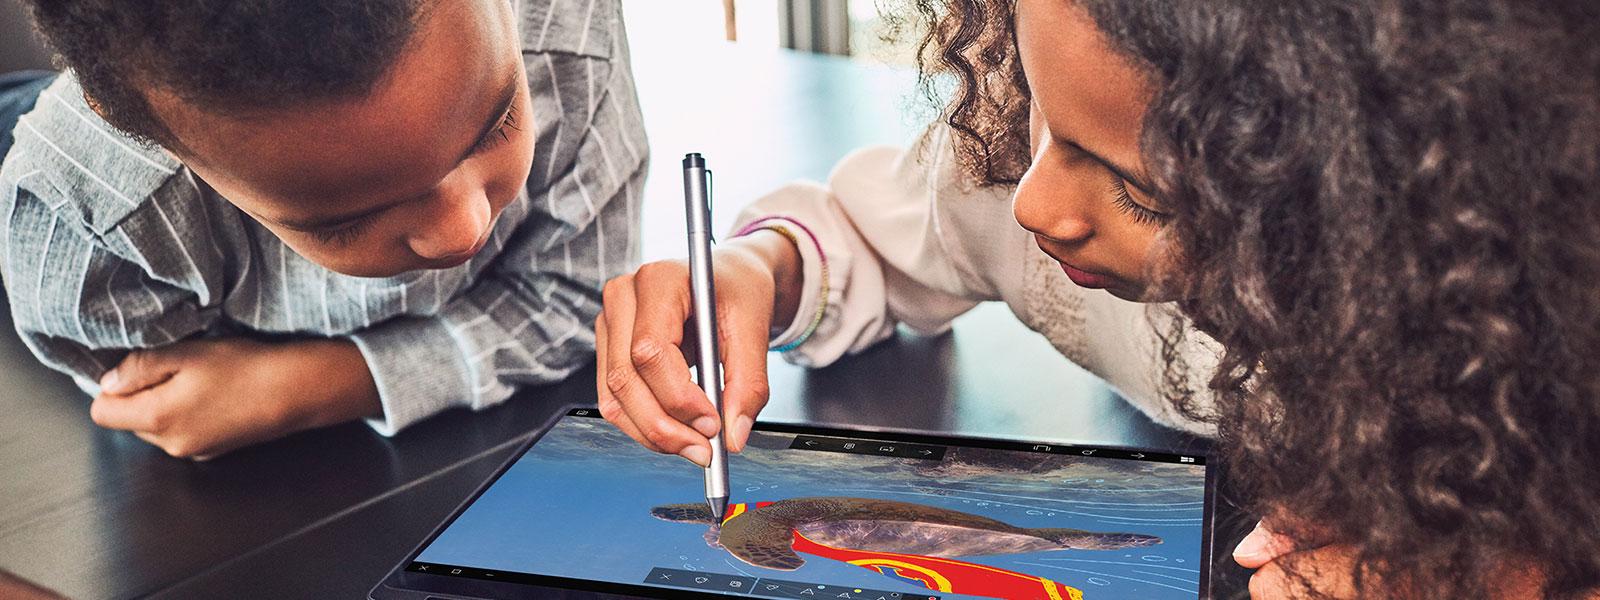 Kinderen aan het tekenen met Windows Ink